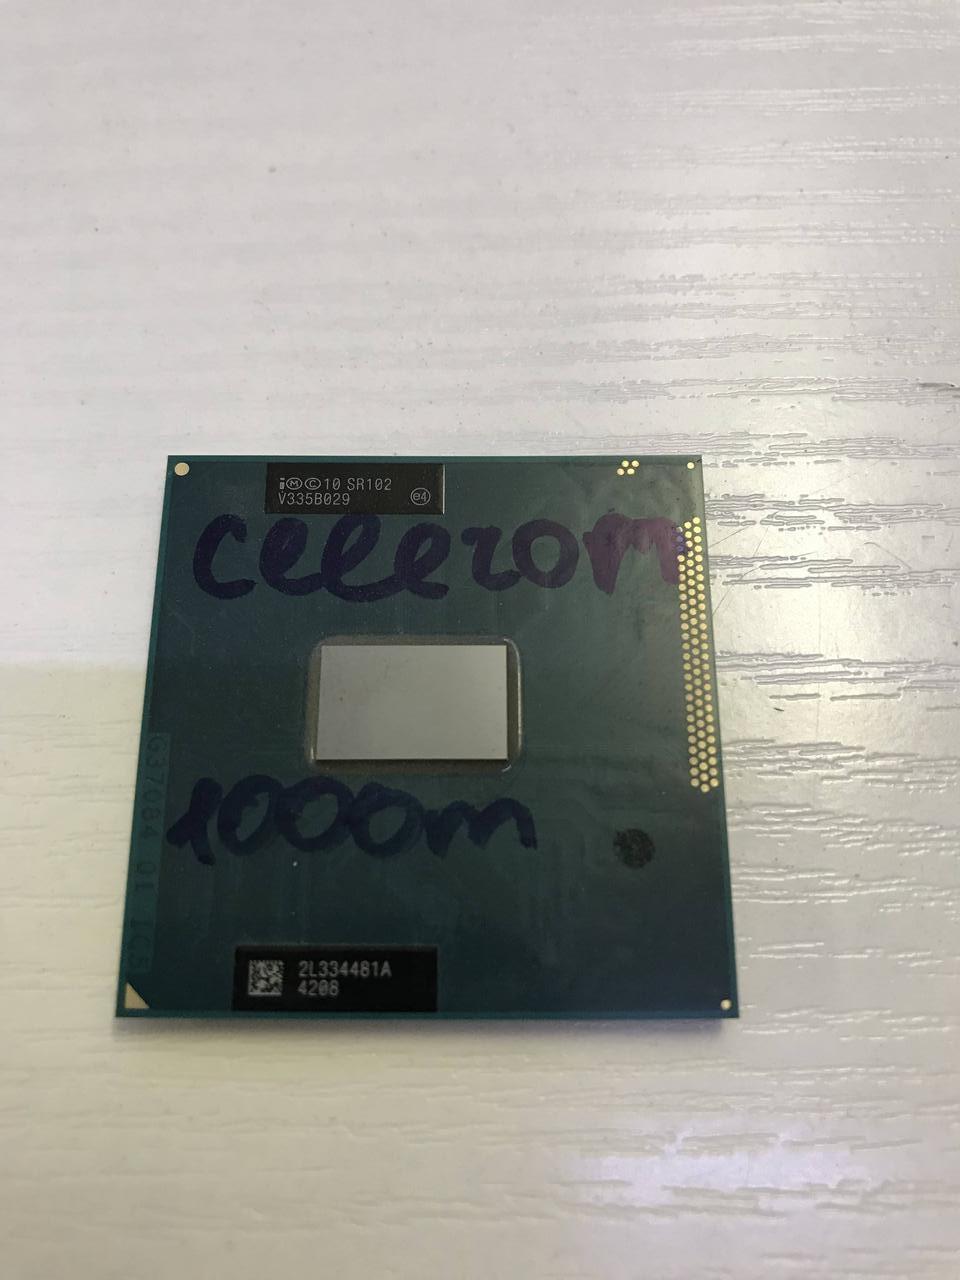 Процессор Intel Celeron 1000M - SR102   - рабочий и исправный. Гарантия 1 месяц